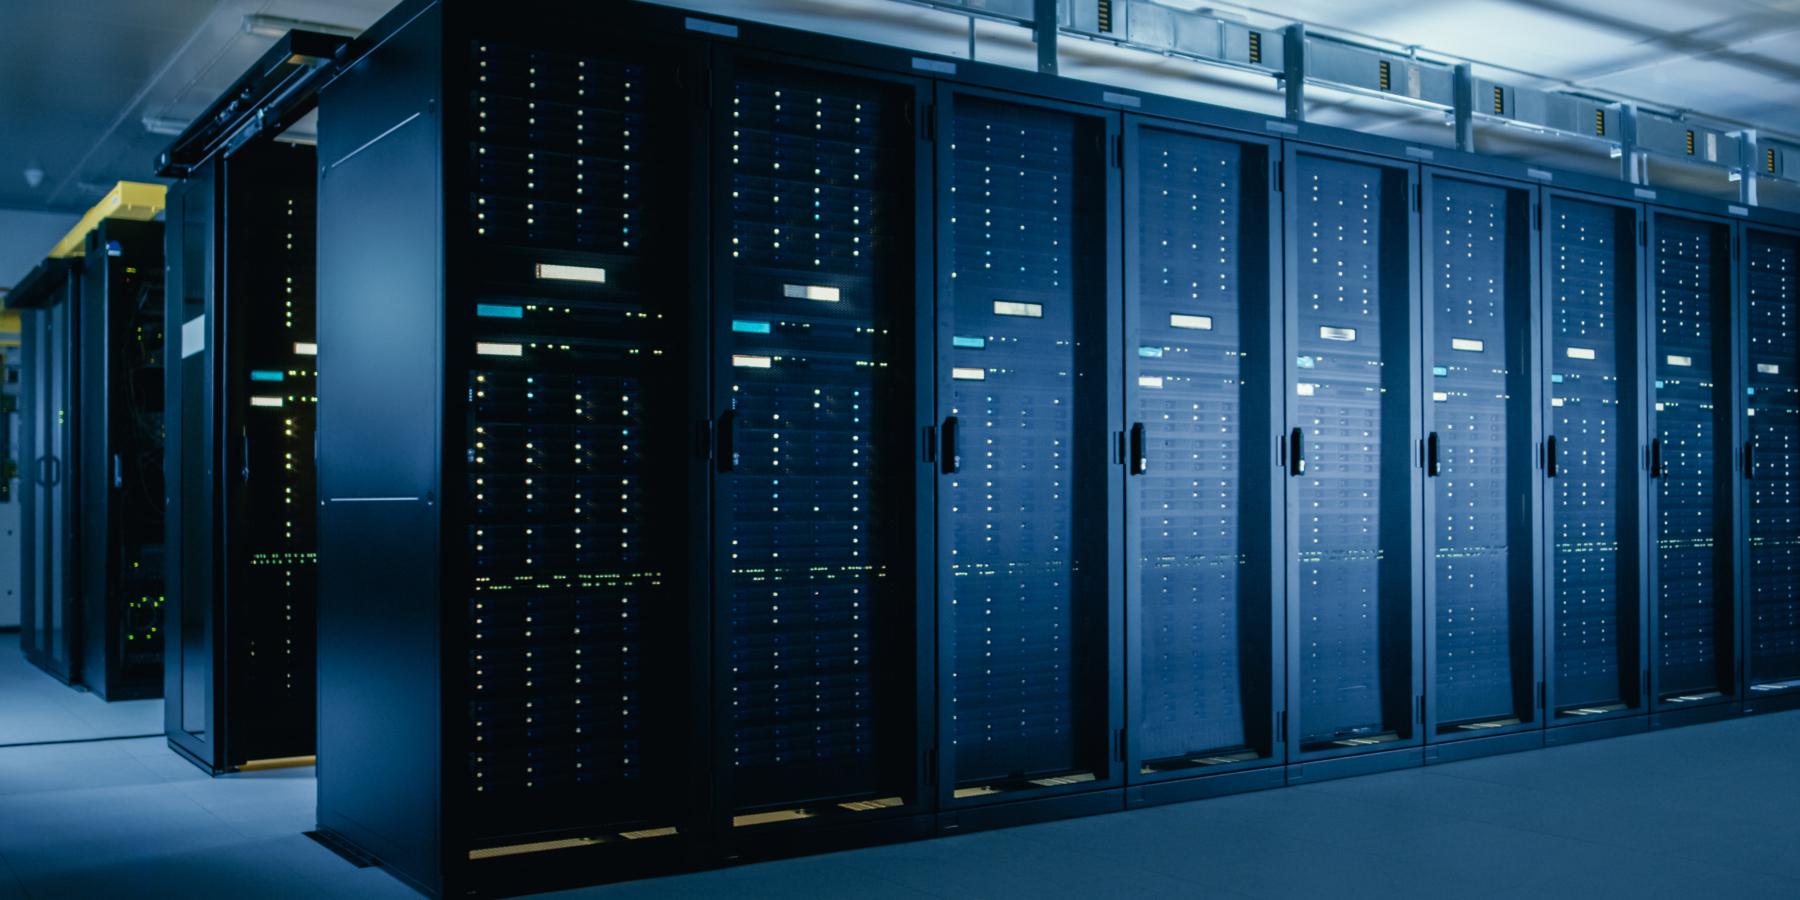 Nowoczesne Data Center dla biznesu – najakie usługi zwrócić uwagę?